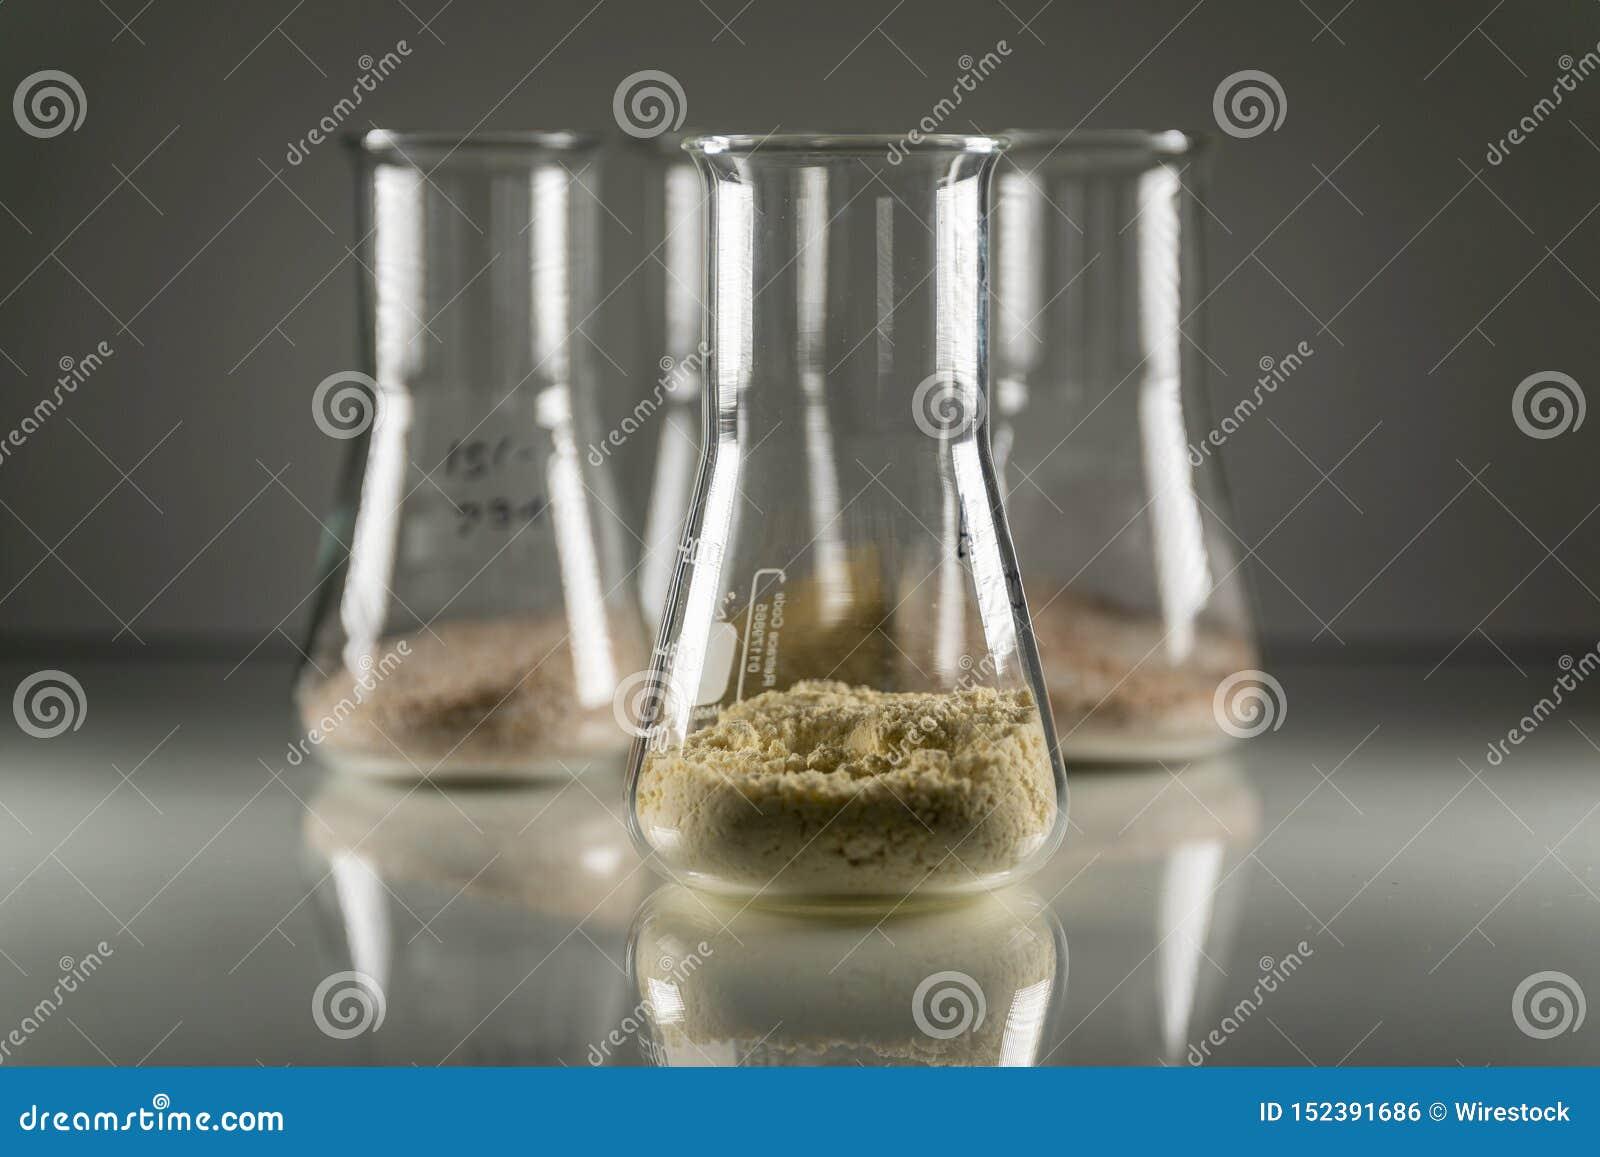 Closeup av exponeringsglaskemiflaskor med brunt kemiskt pulver i dem